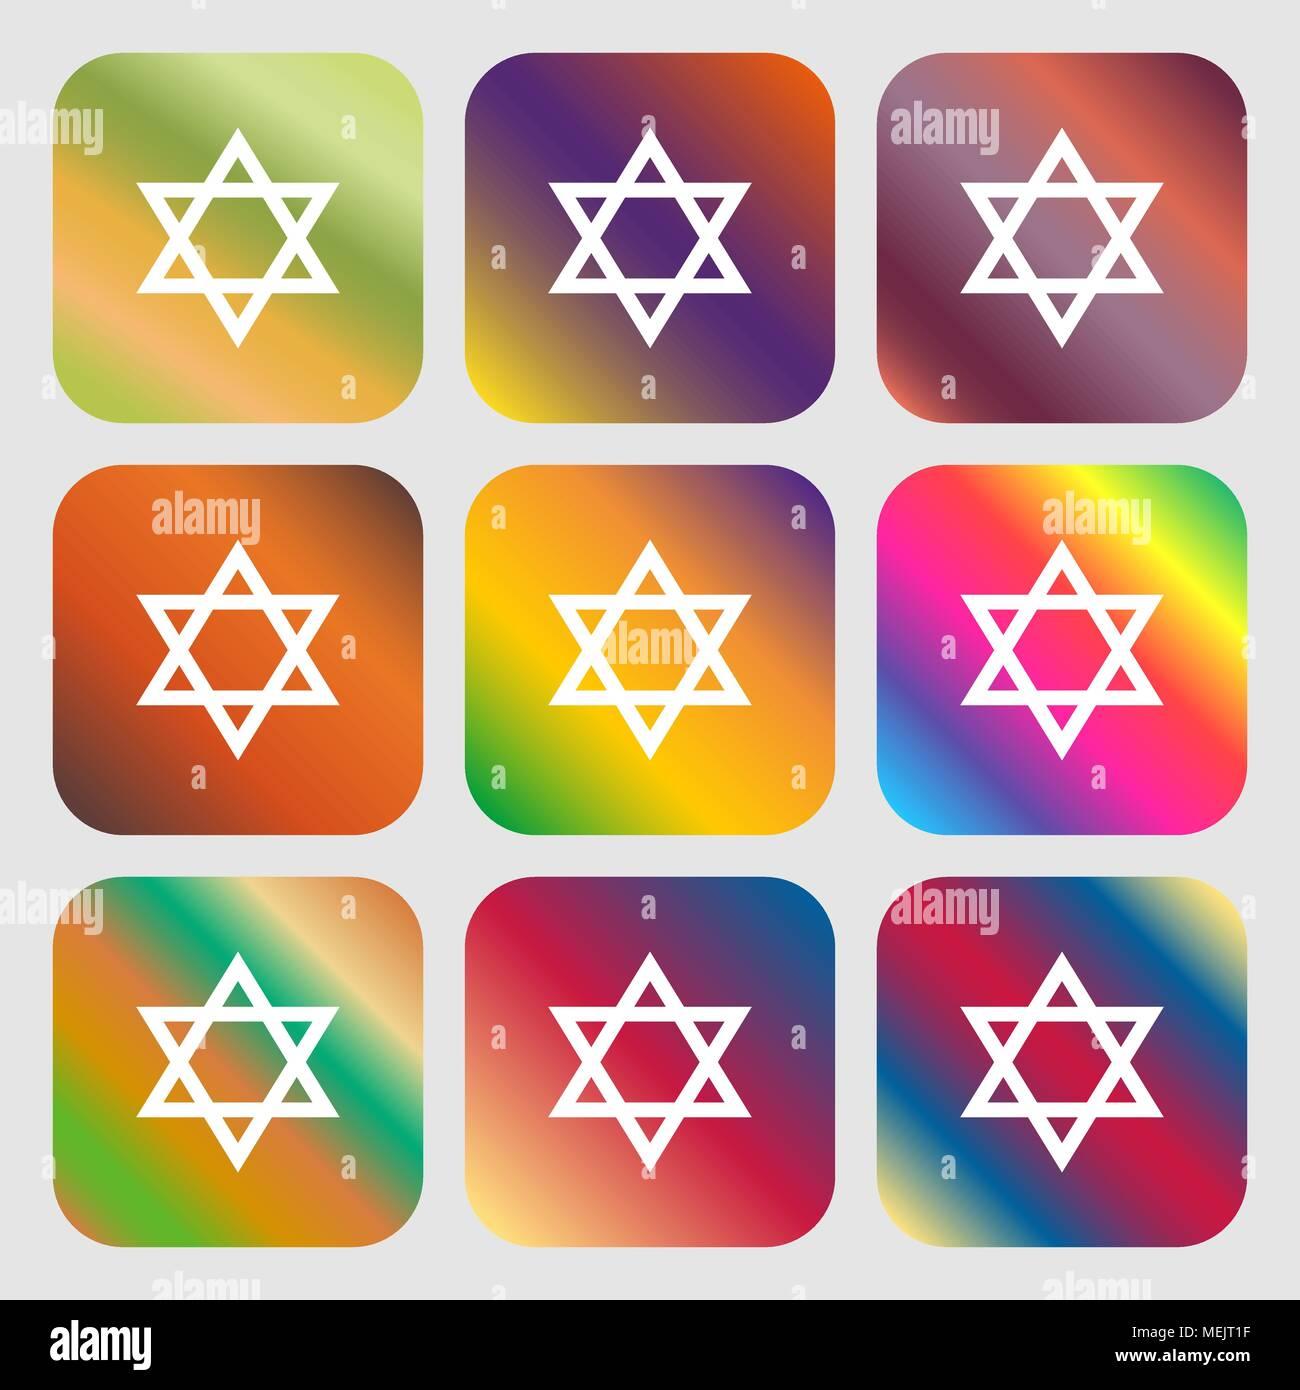 pentagram icon - Stock Vector